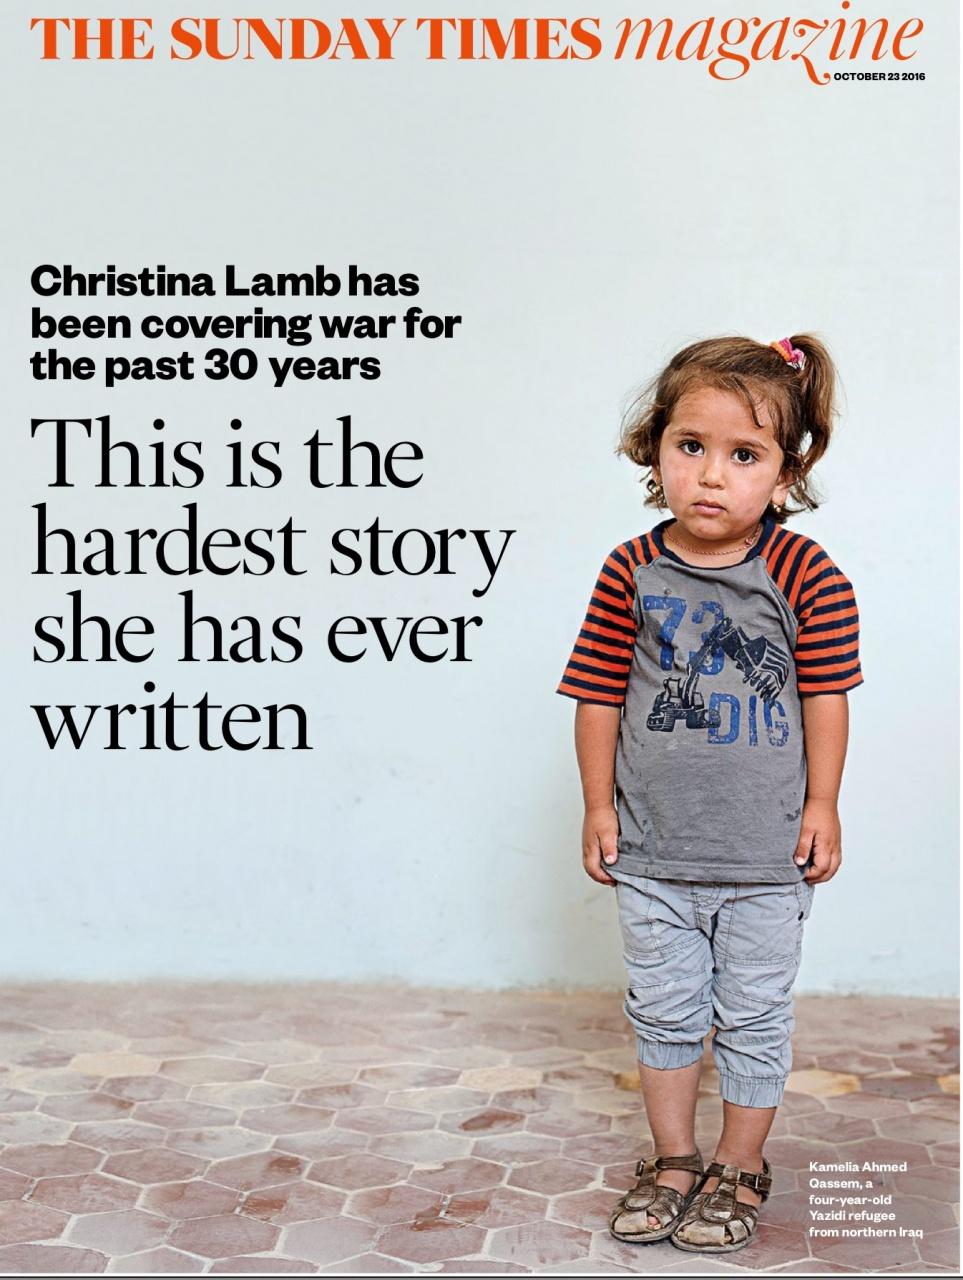 Sunday Times Magazine 23.10.16